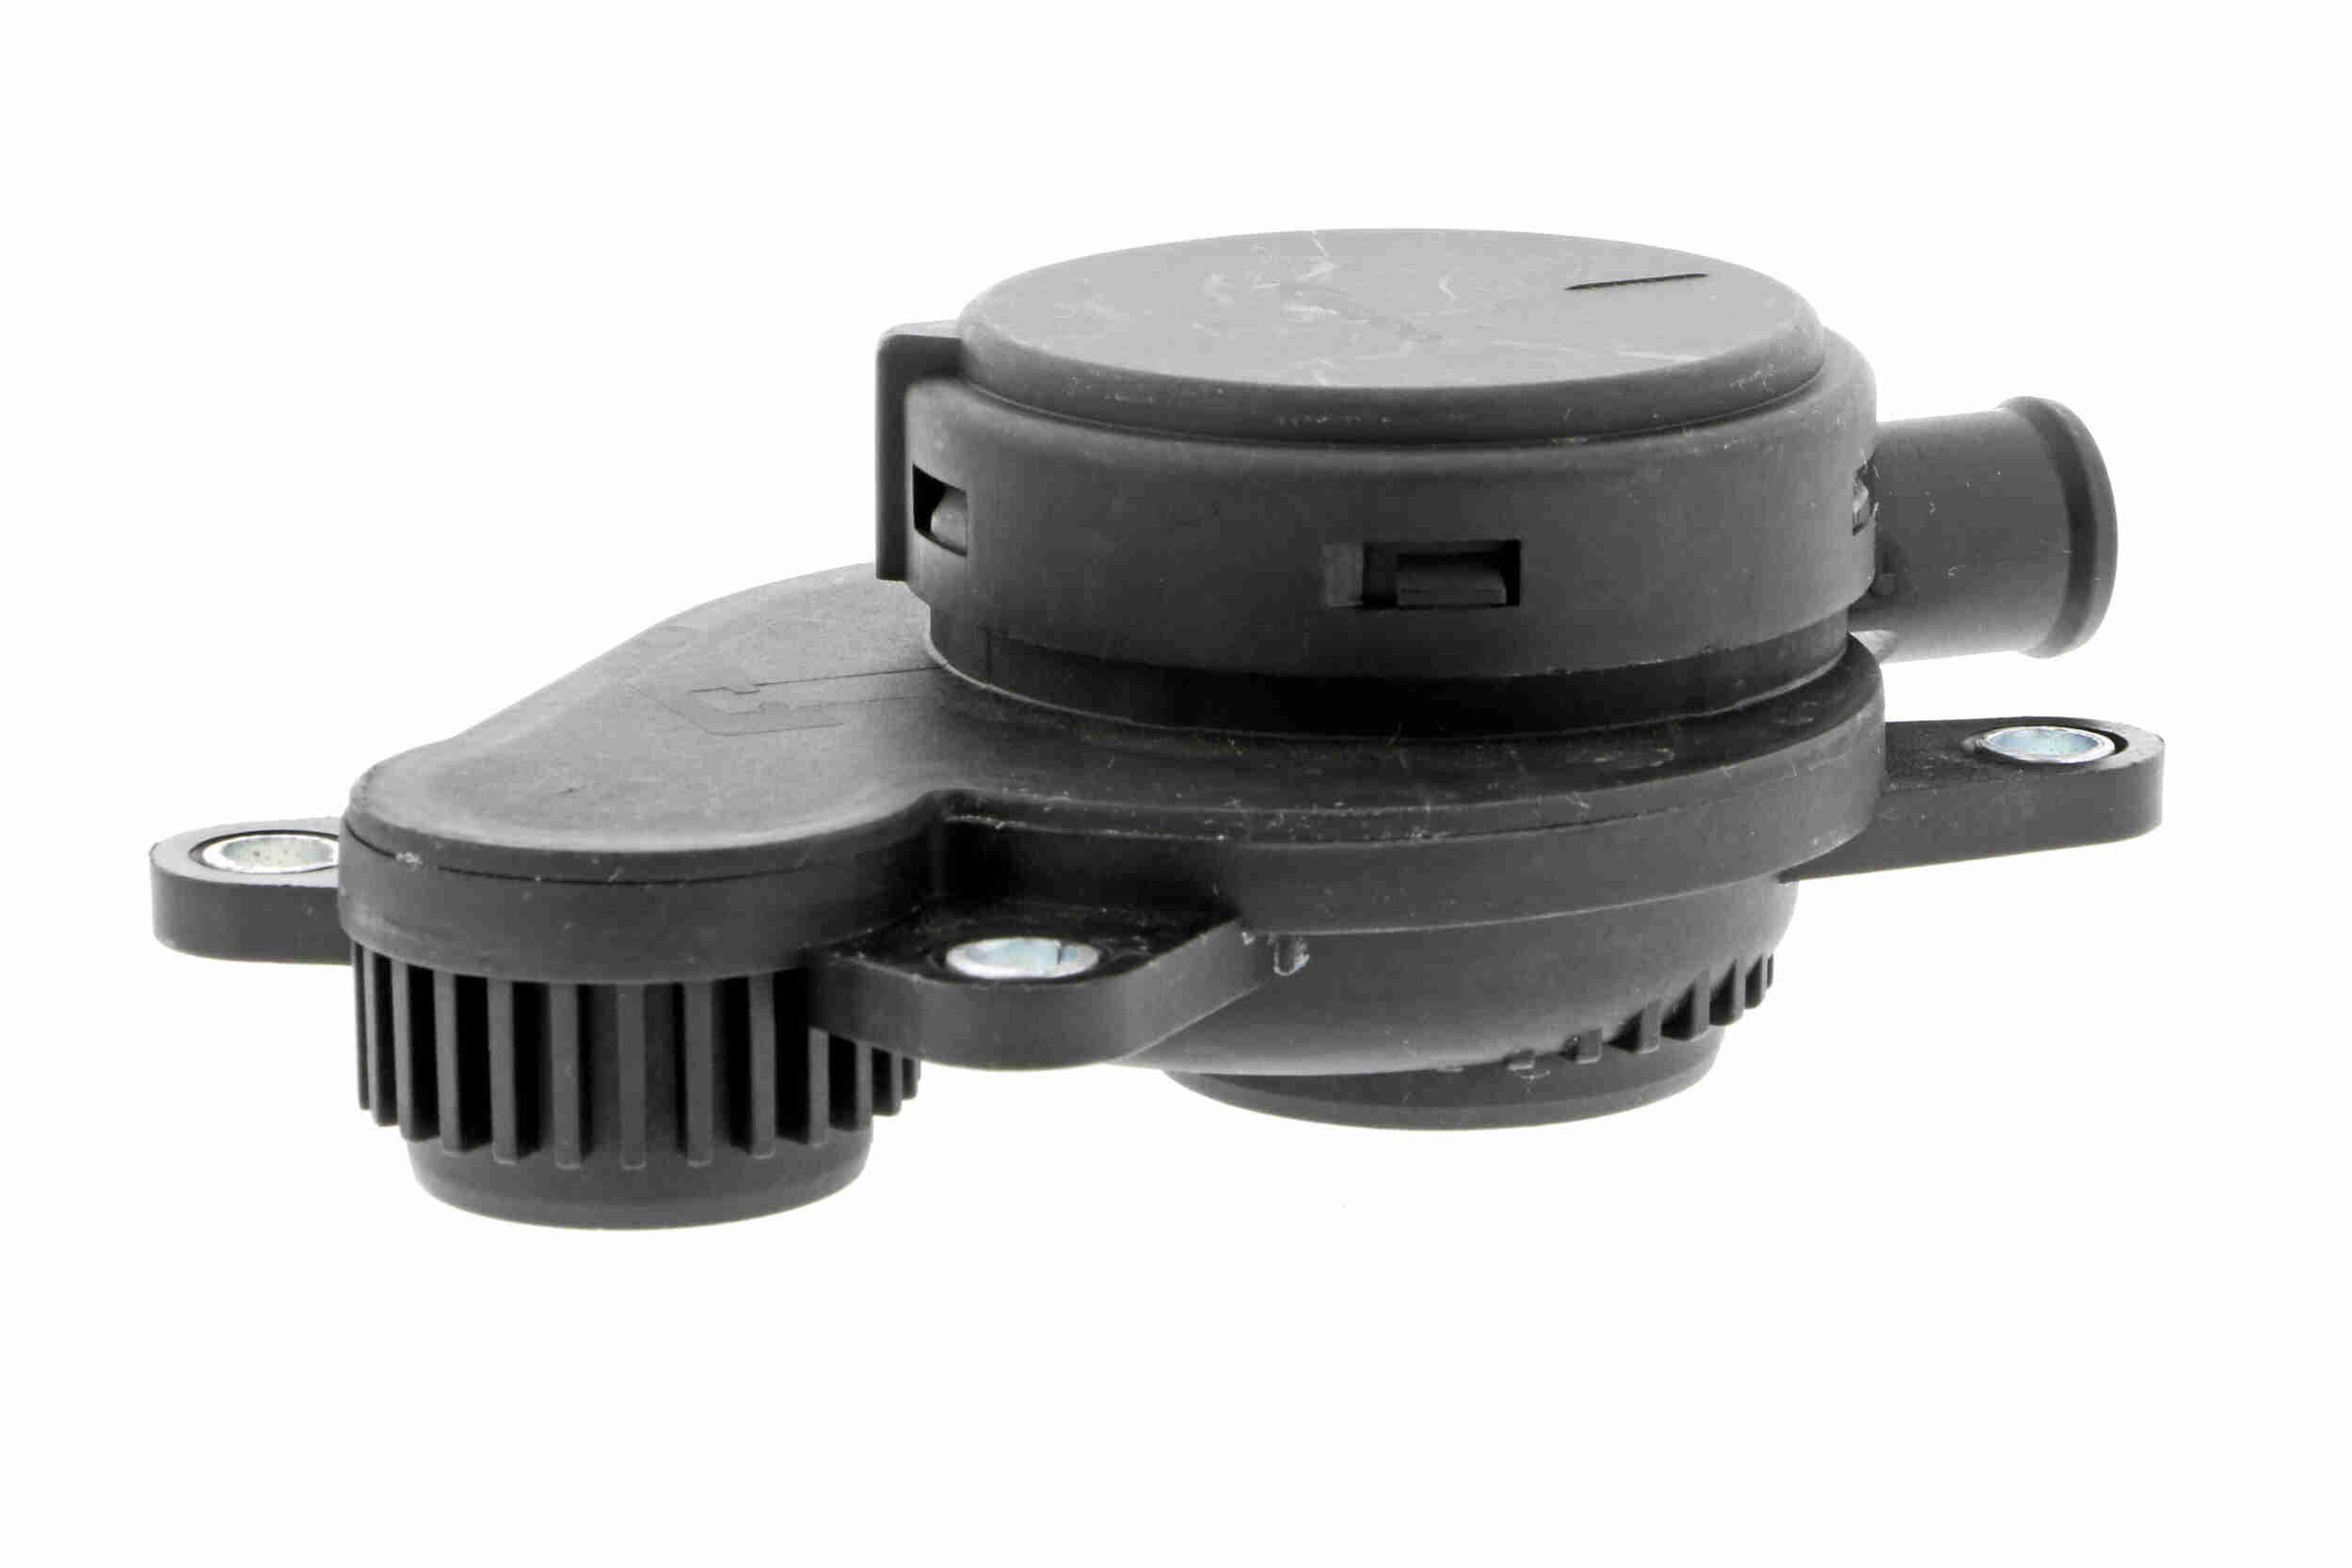 VAICO  V30-2178 Oil Trap, crankcase breather Breather Valve, Diaphragm Valve